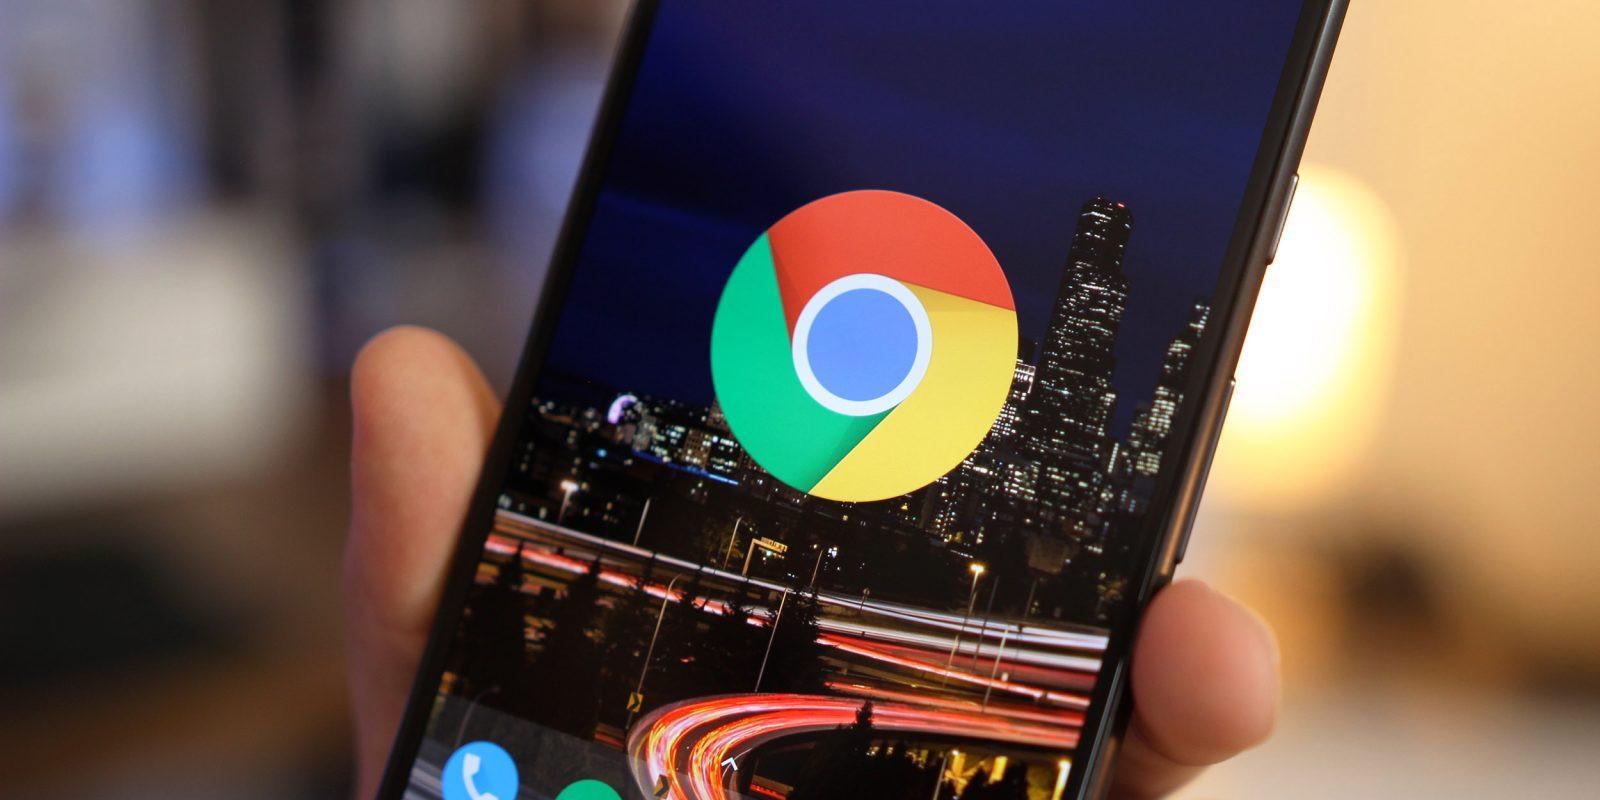 Приложение Google Now уже в обозревателе Chrome — напоминания на рабочем столе | ВСЕ ОЧЕНЬ ПРОСТО